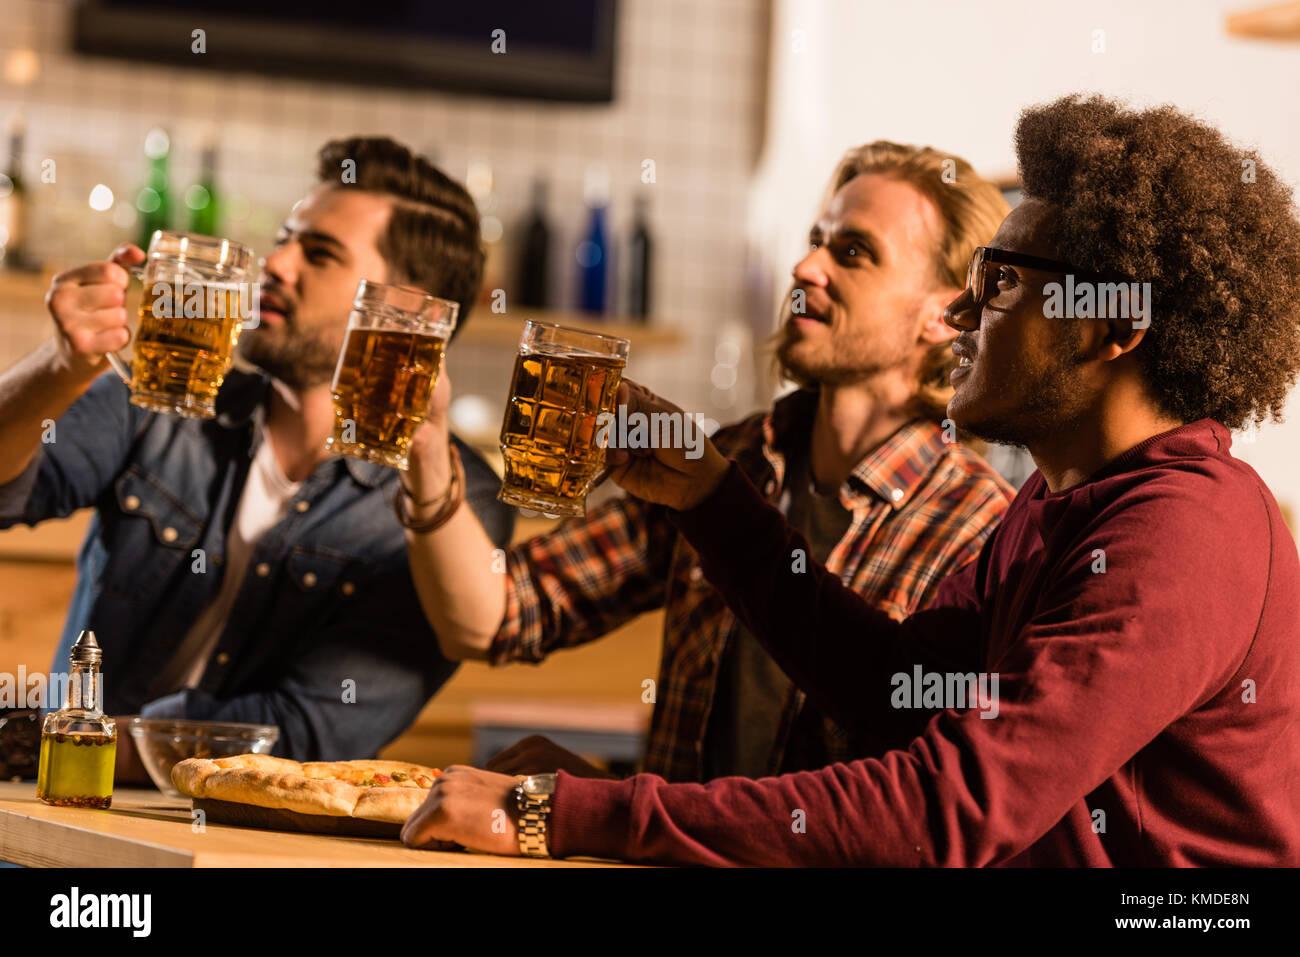 Amici con pizza e birra in bar Immagini Stock